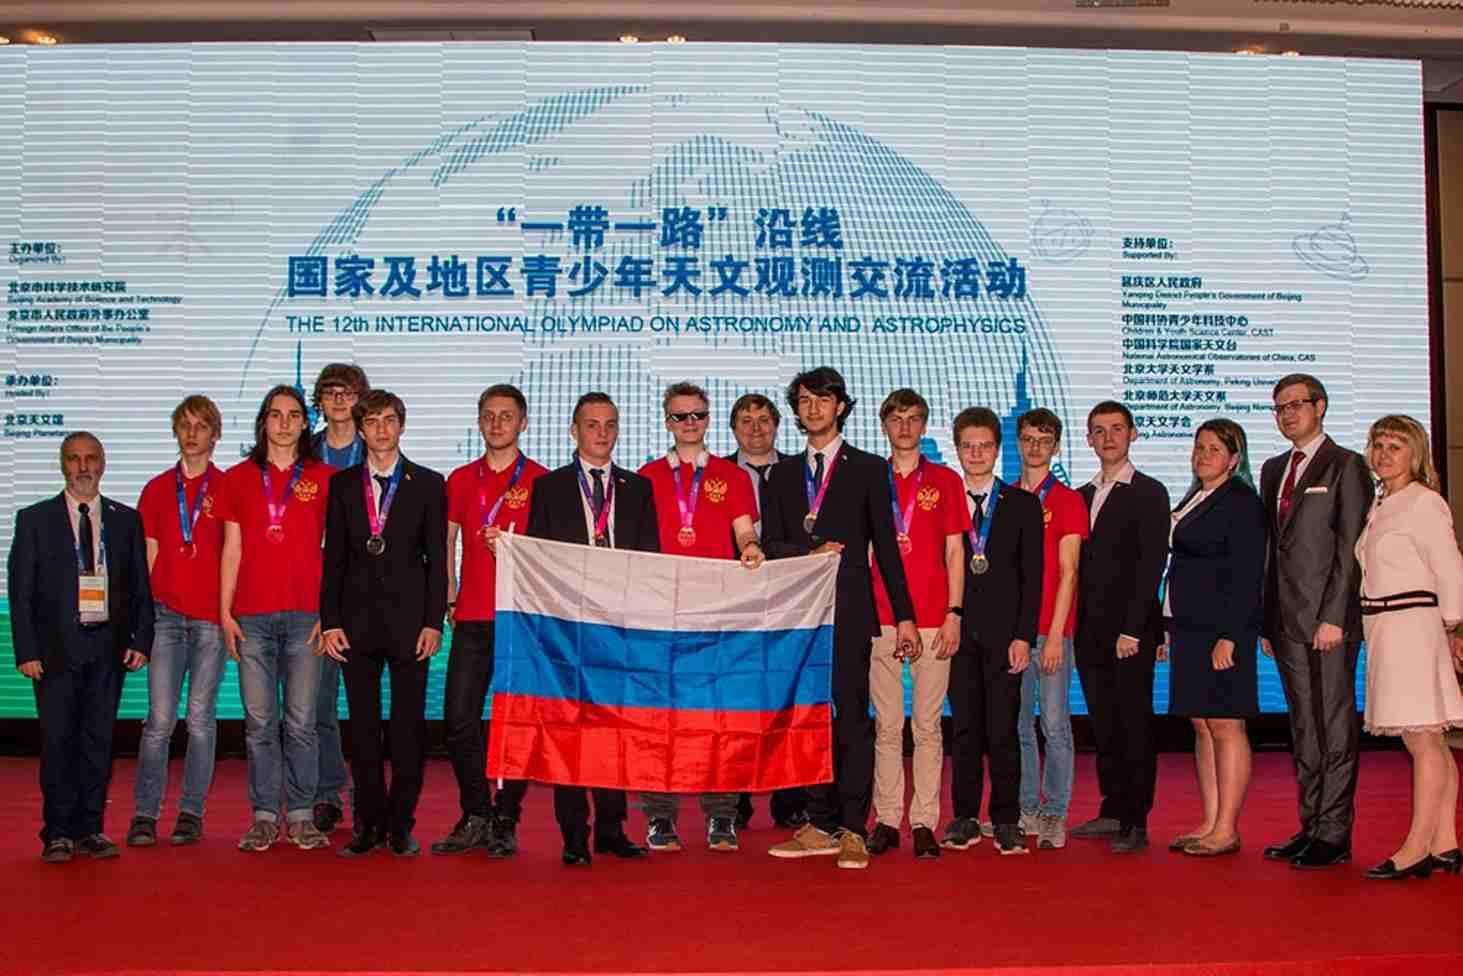 pobeditelej-mezhdunarodnyh-olimpiad-shkolnikov-nagradyat-millionom-rublej